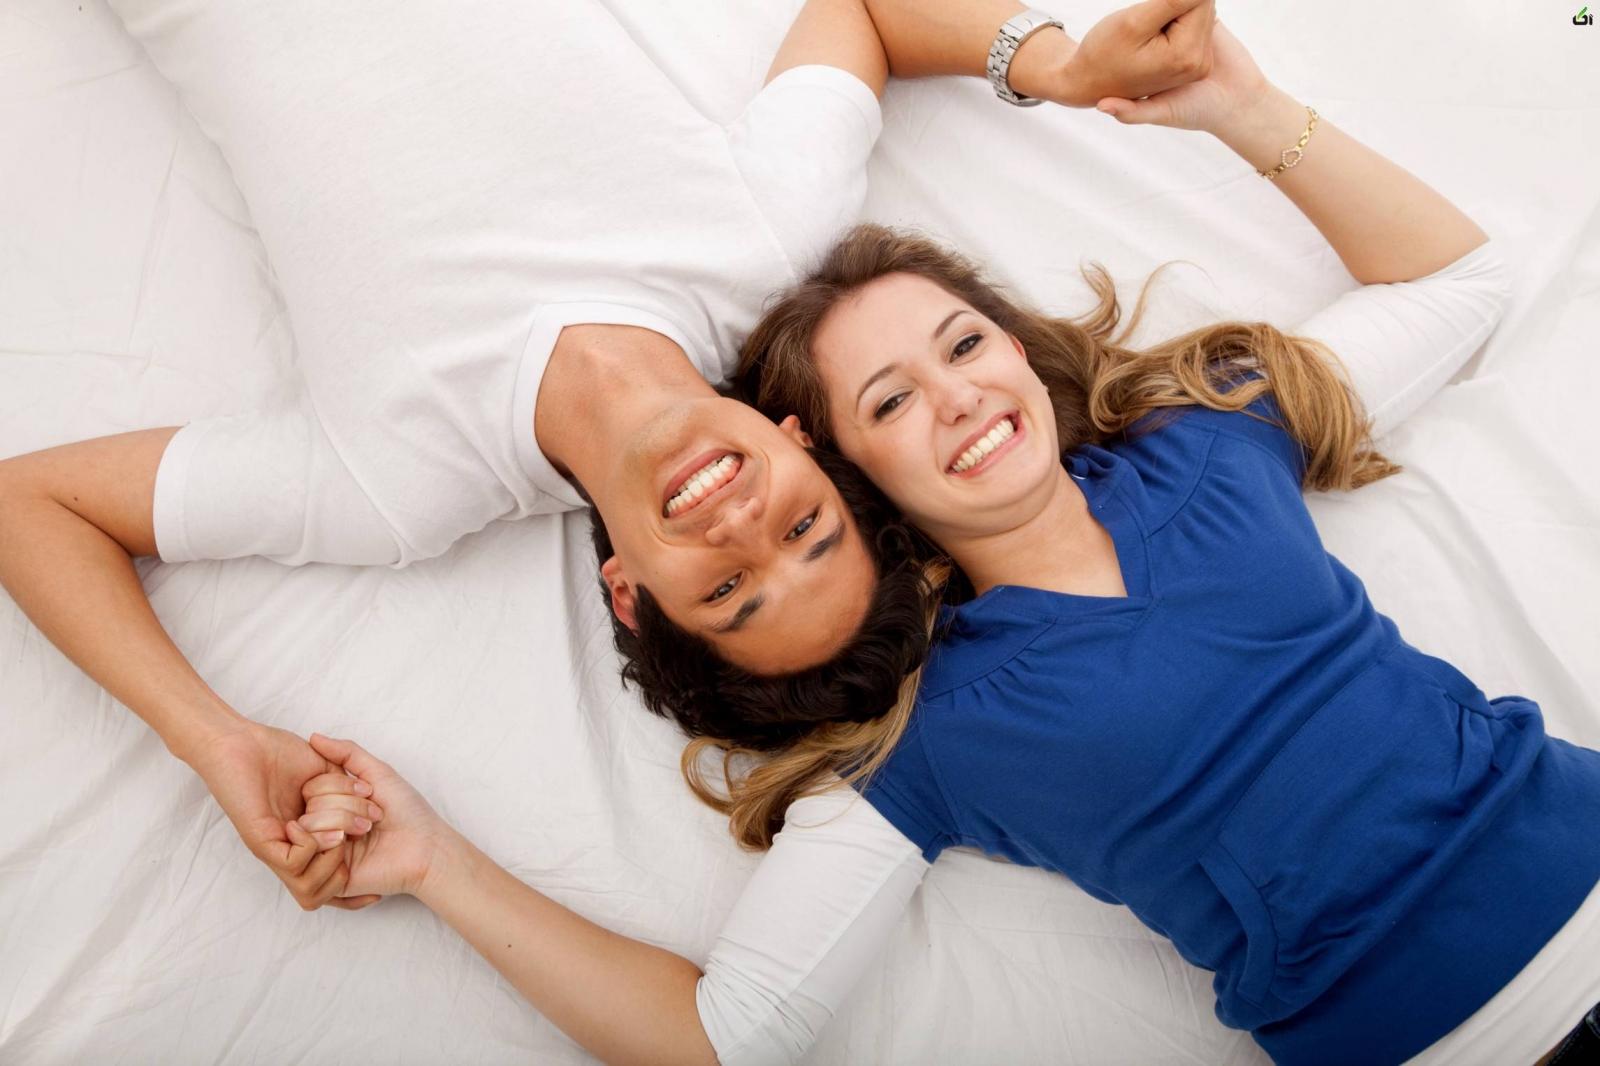 ۱۰ مزیت شگفت انگیز رابطه جنسی مداوم و منظم برای سلامتی